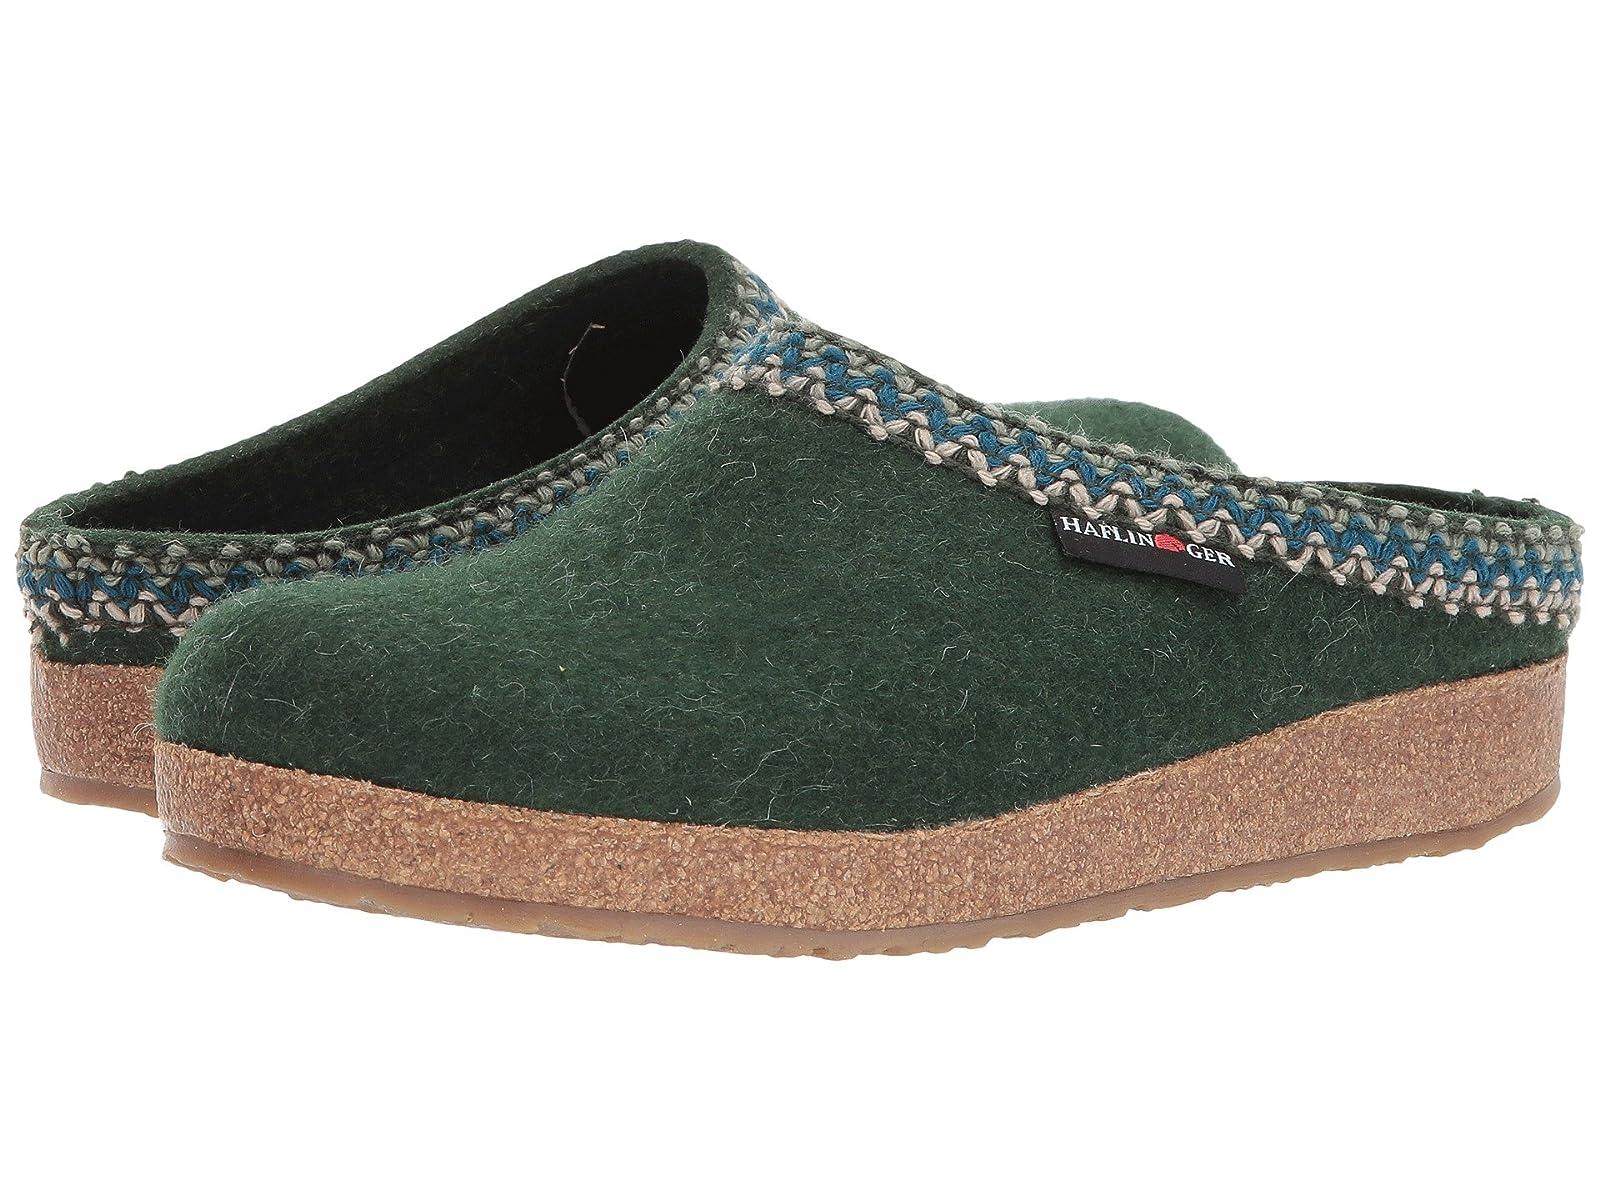 Haflinger ZigzagAtmospheric grades have affordable shoes